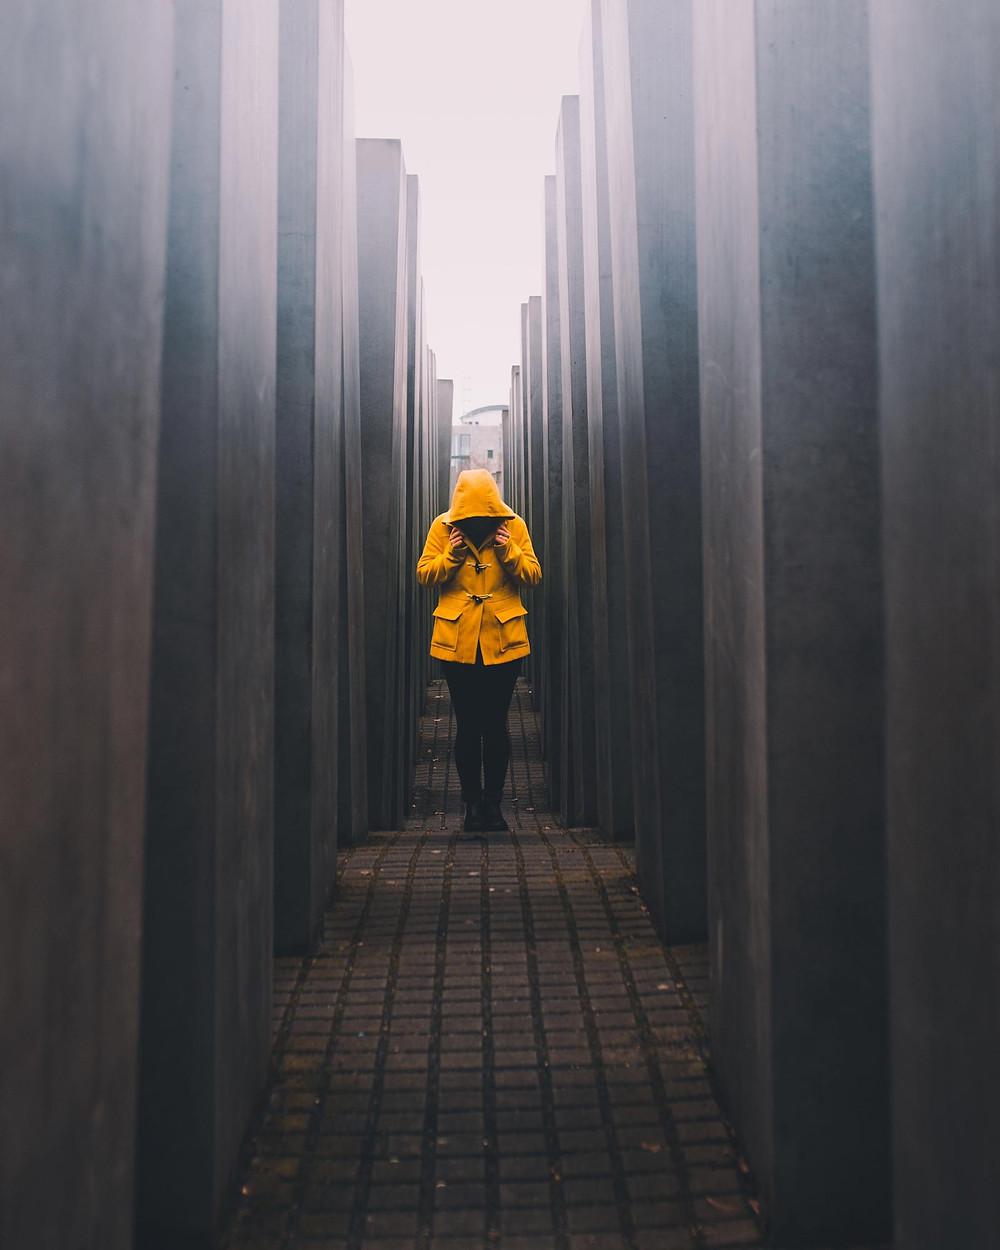 Kuvituskuva: Keltaisessa takissa oleva henkilö seisoo huppu päässä kapealla kujalla. - kuva unsplash.com